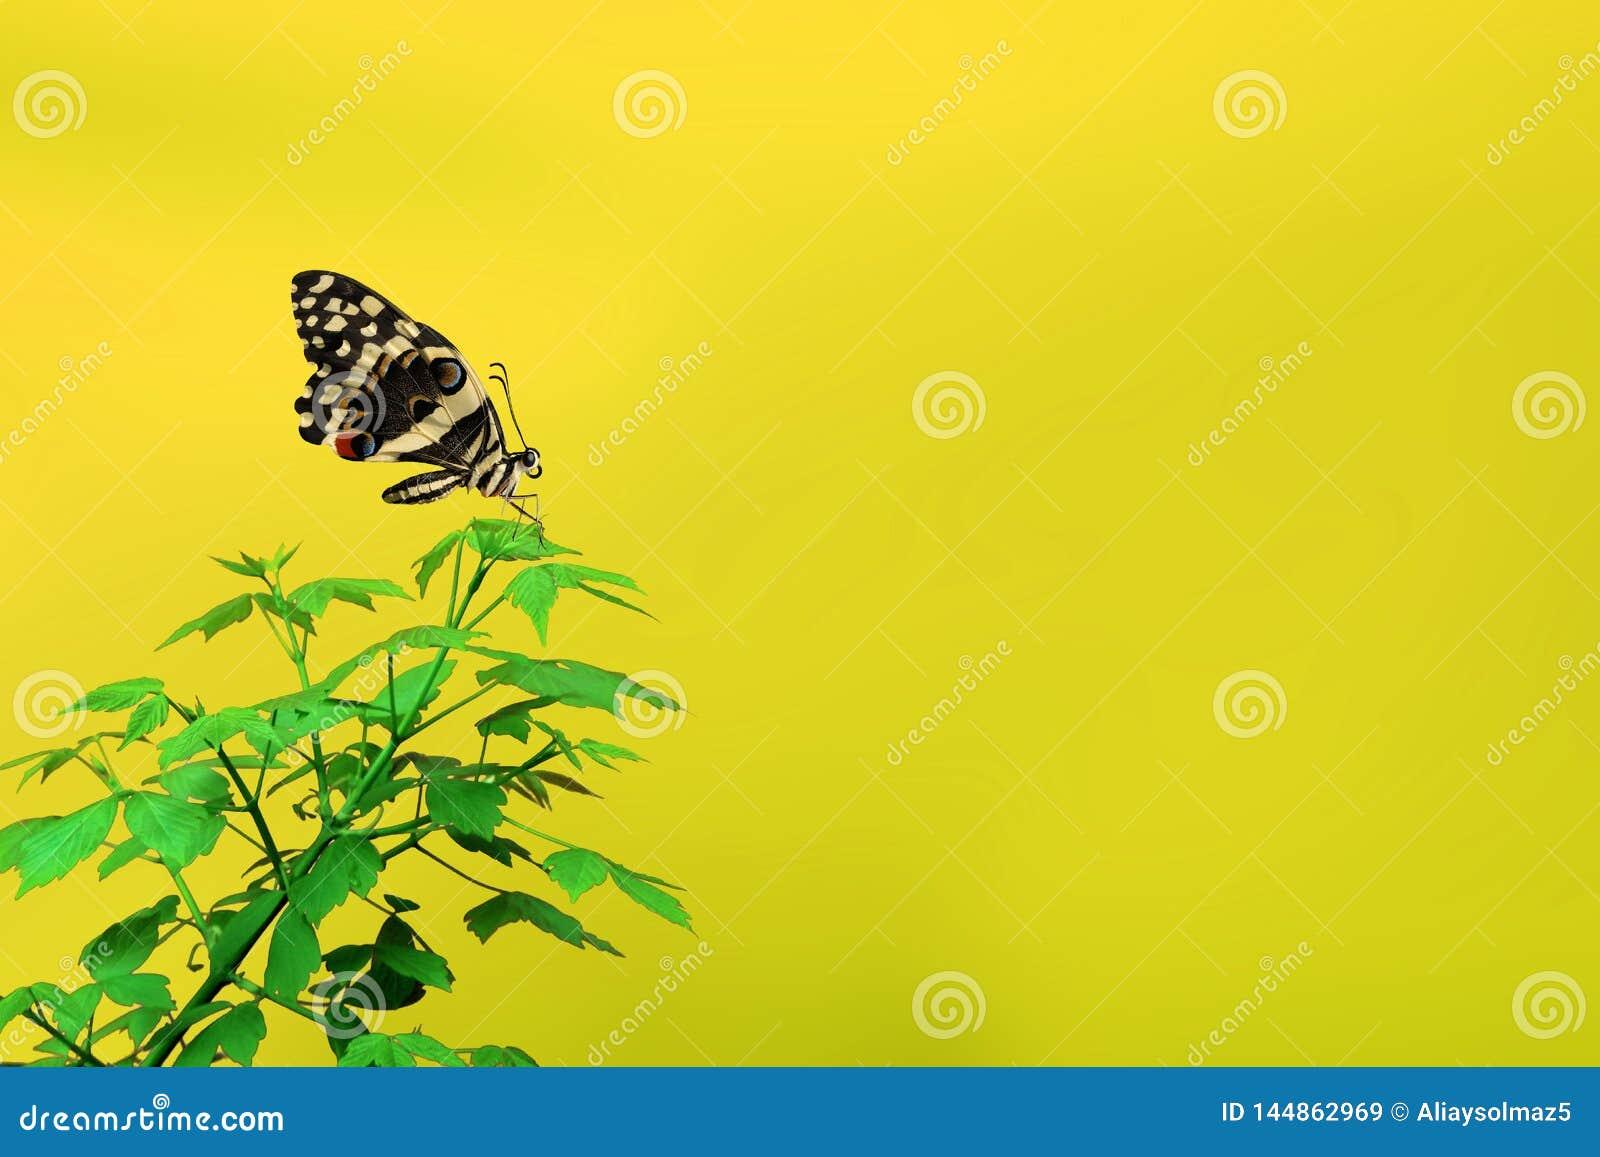 Frühlings-Zeit-Konzept, schöner Schmetterling und leerer Bereich für den Text